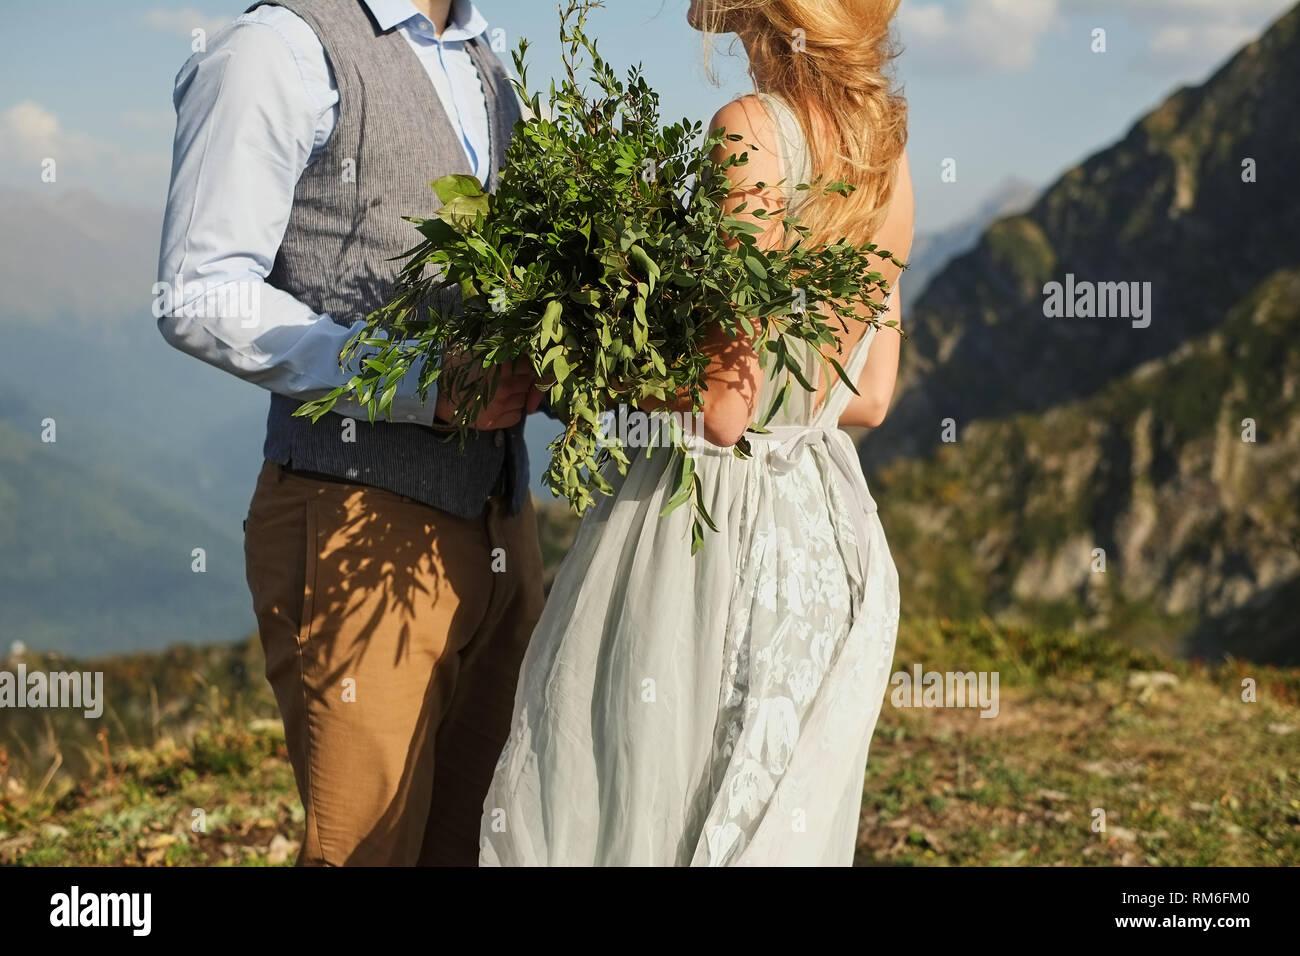 La sposa chiuse gli occhi e sussurra qualcosa al suo fidanzato, close-up, bouquet verde sullo sfondo di montagne Immagini Stock